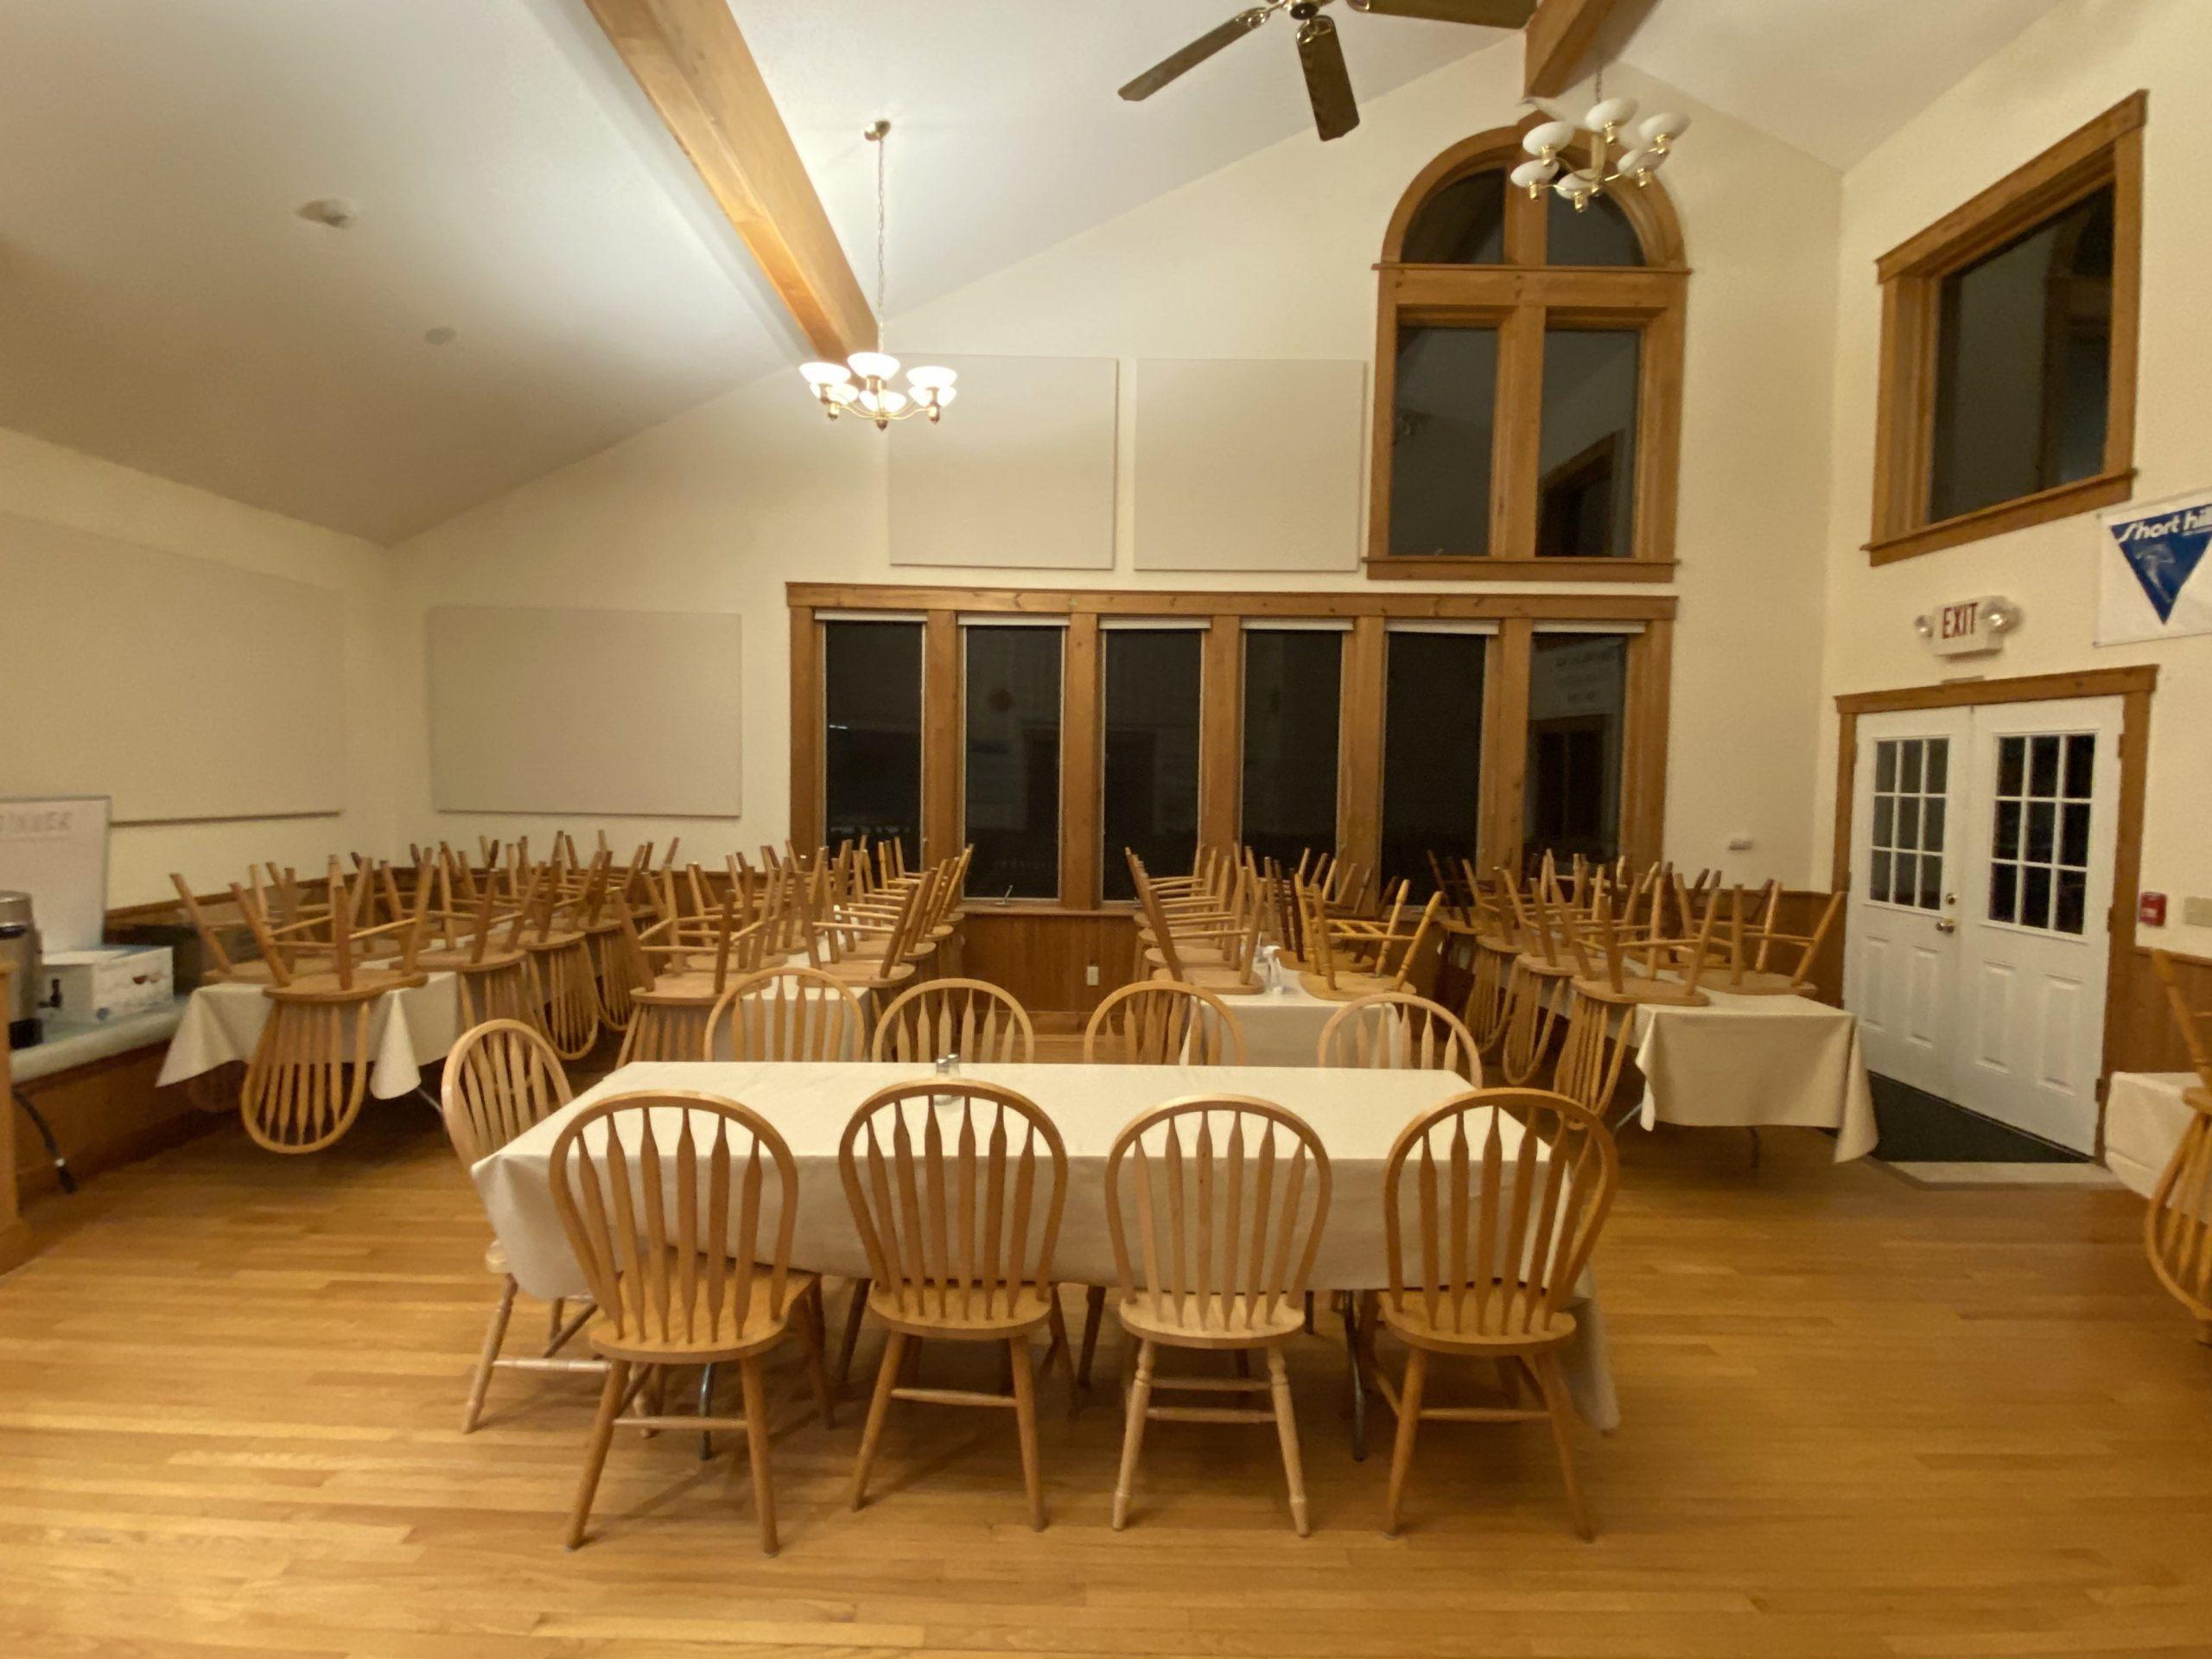 SHSC Lodge Dining Room